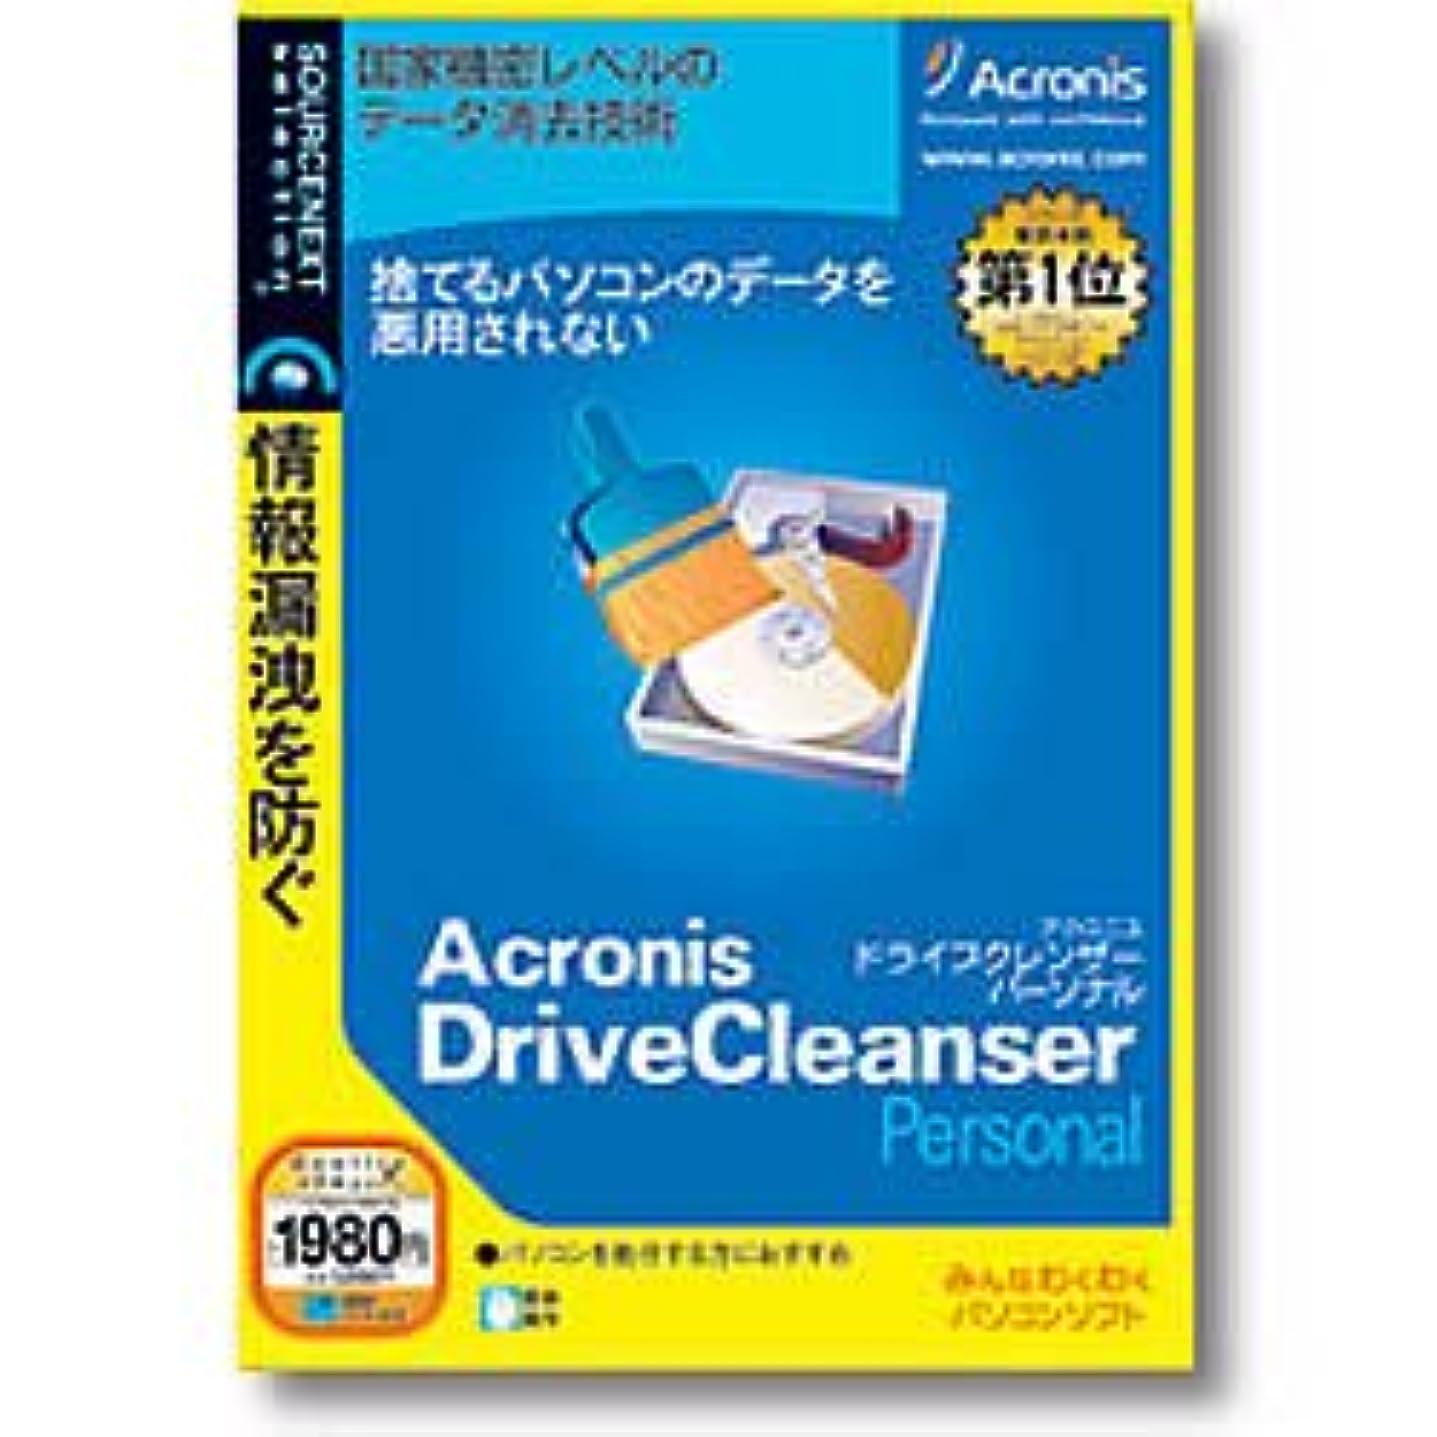 抵当突き出す季節Acronis DriveCleanser Personal (説明扉付きスリムパッケージ版)